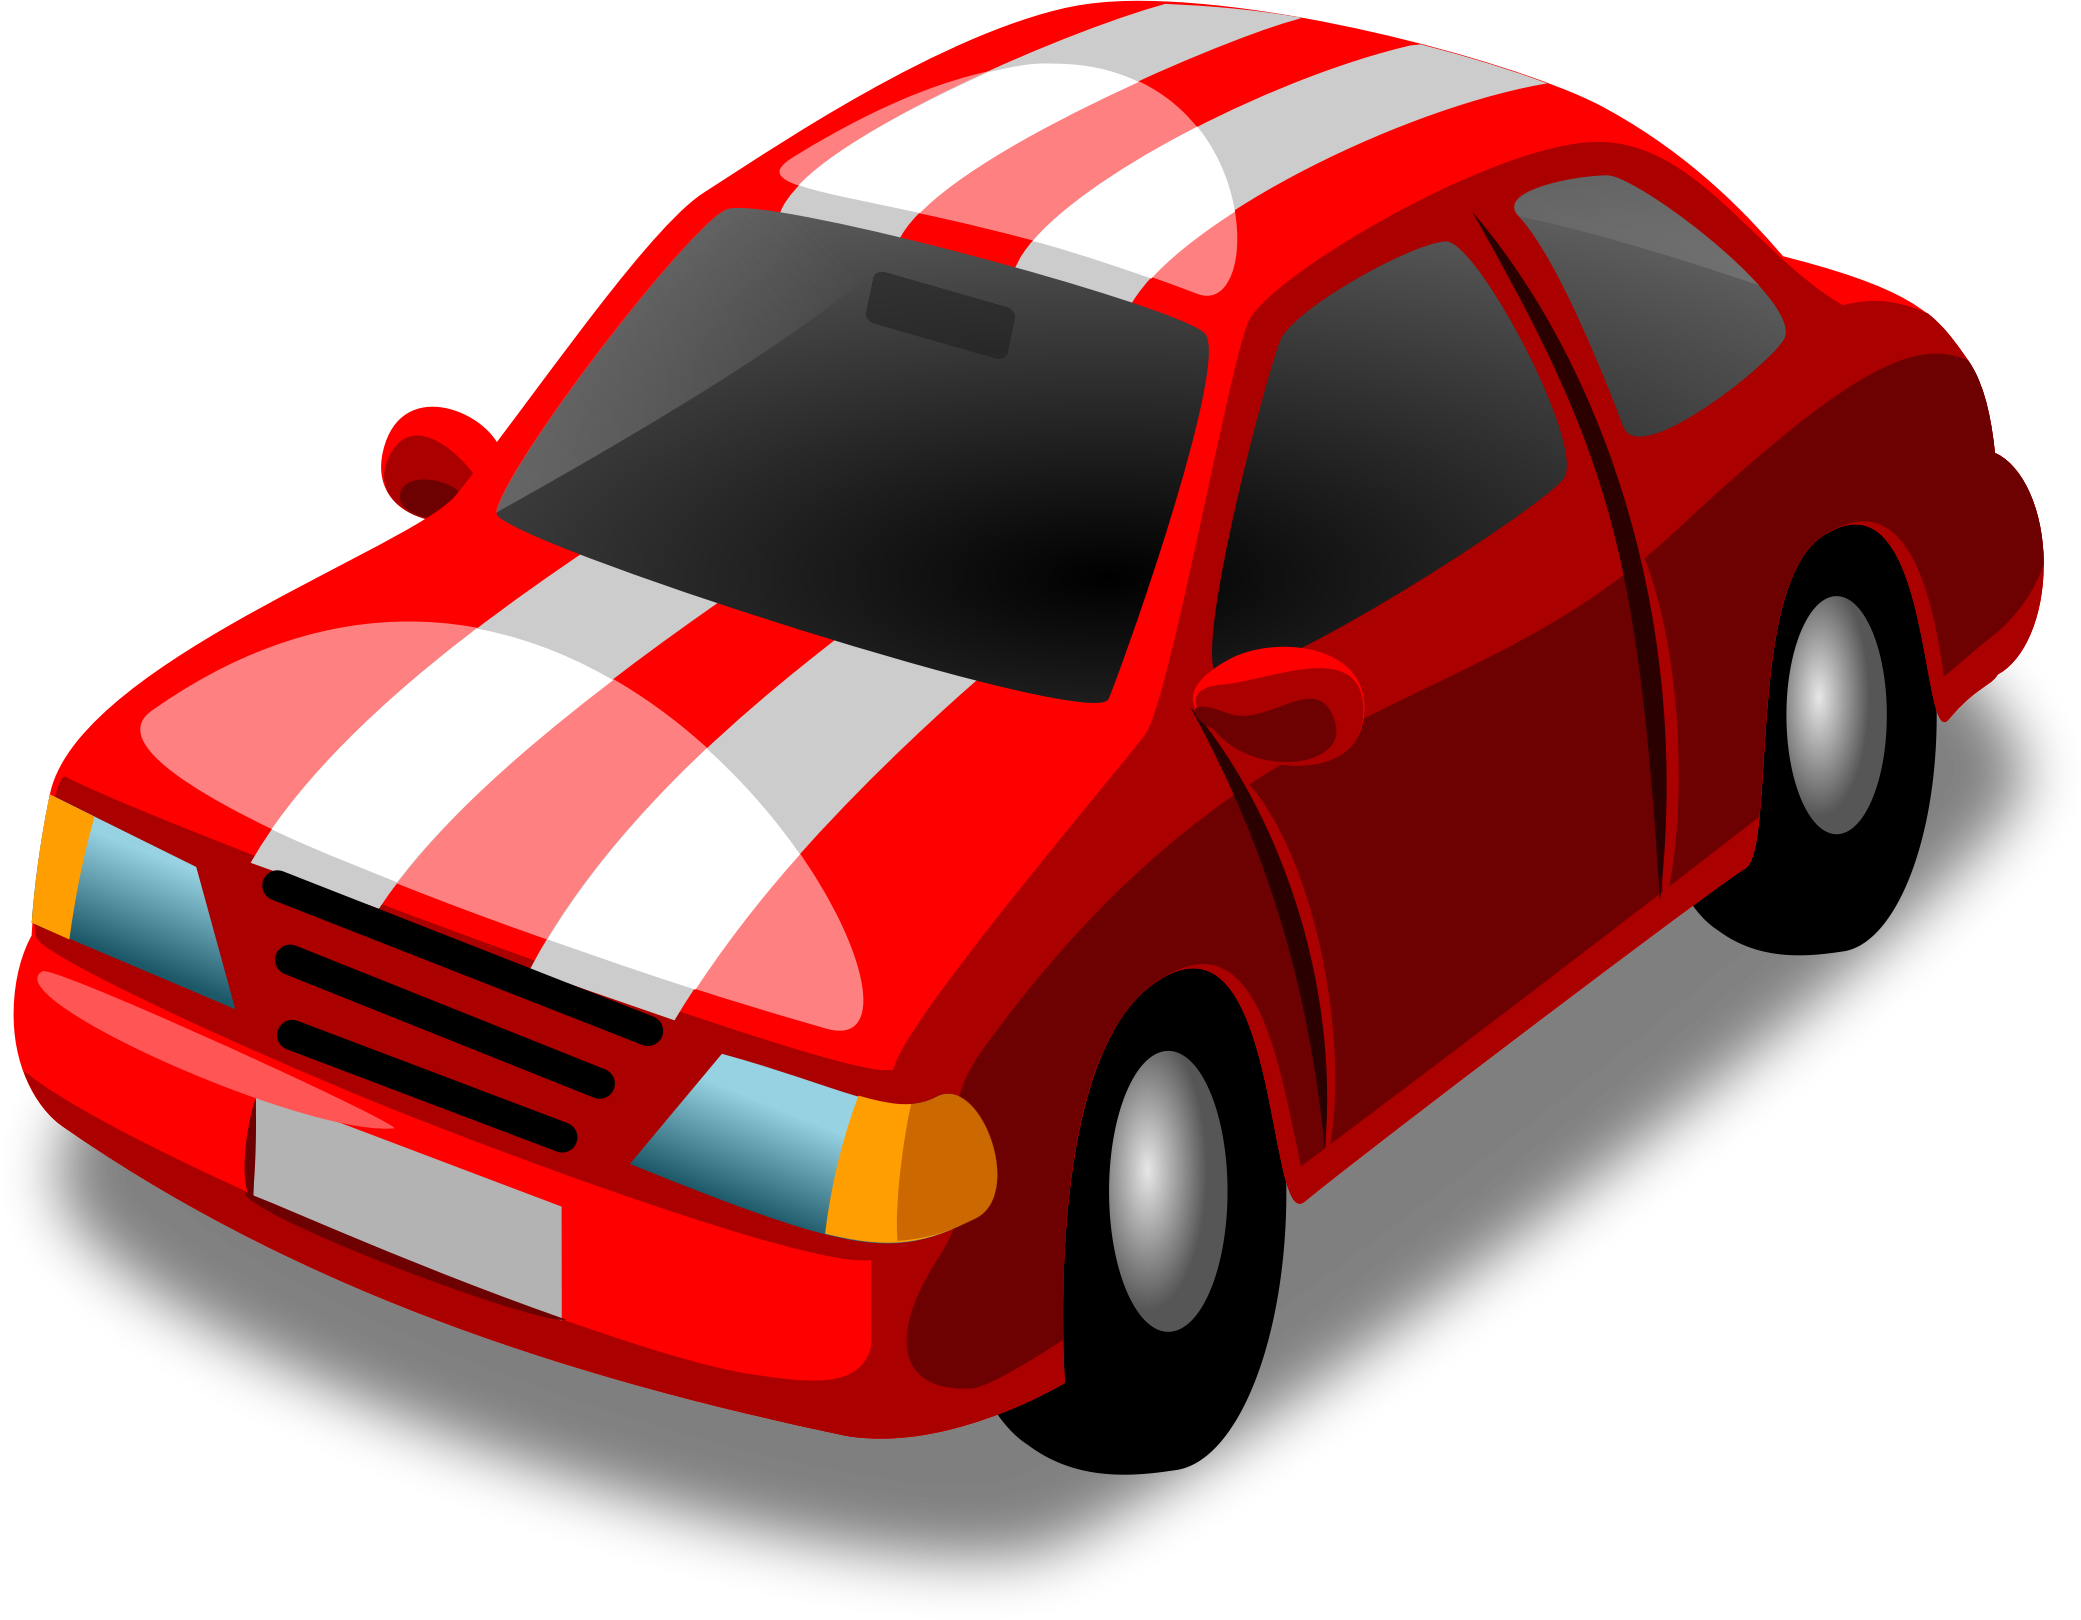 3d Car Clip Art.